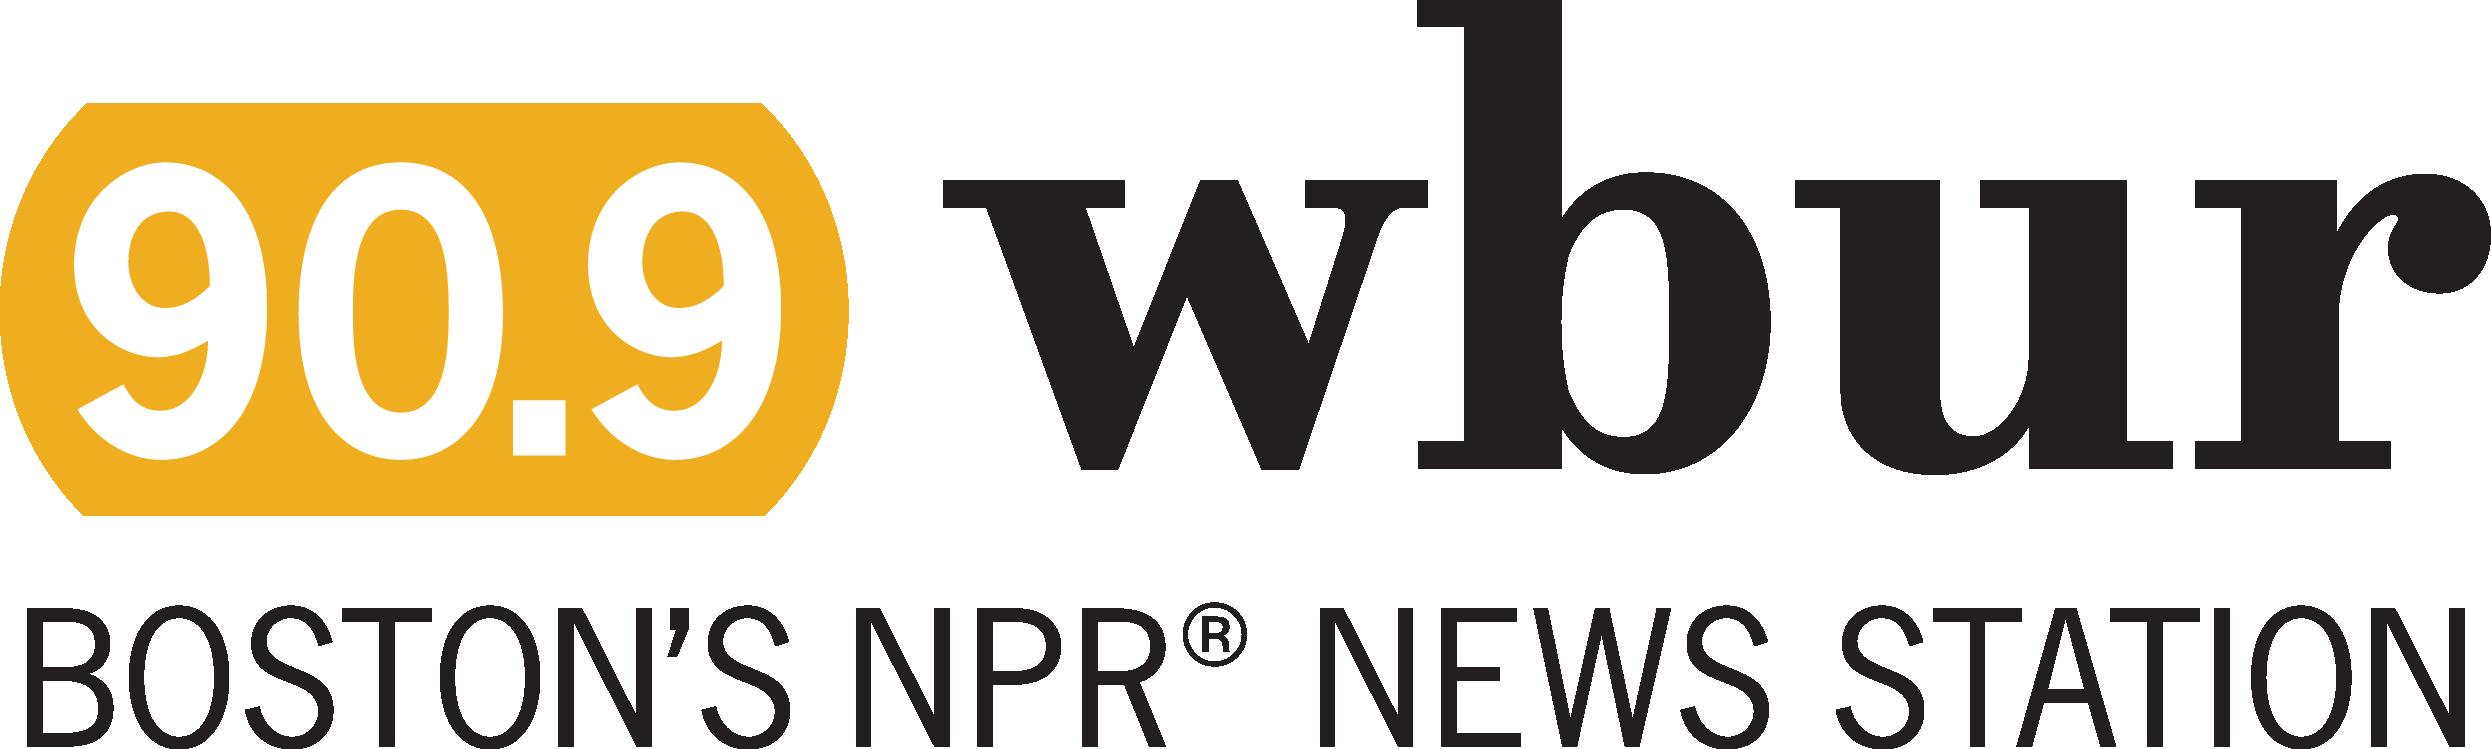 wbur-logo-Partner-